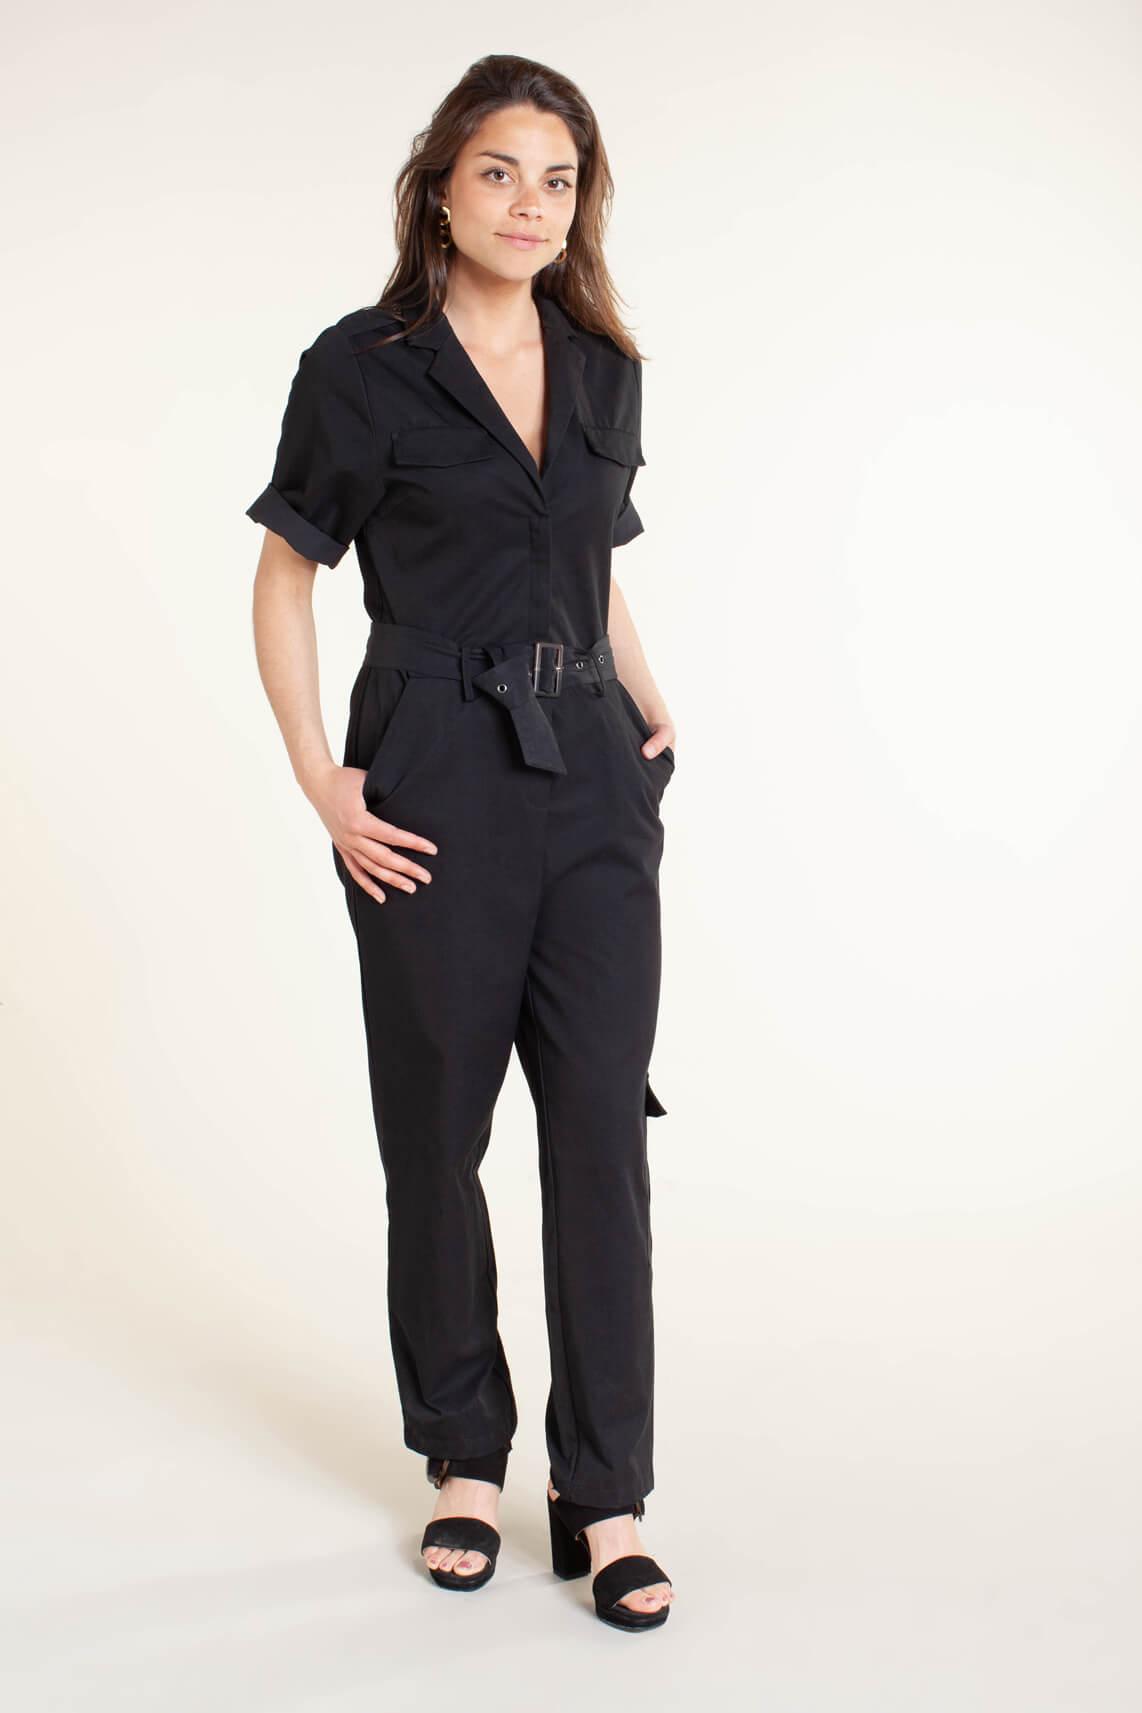 Co Couture Dames Cargo jumpsuit zwart